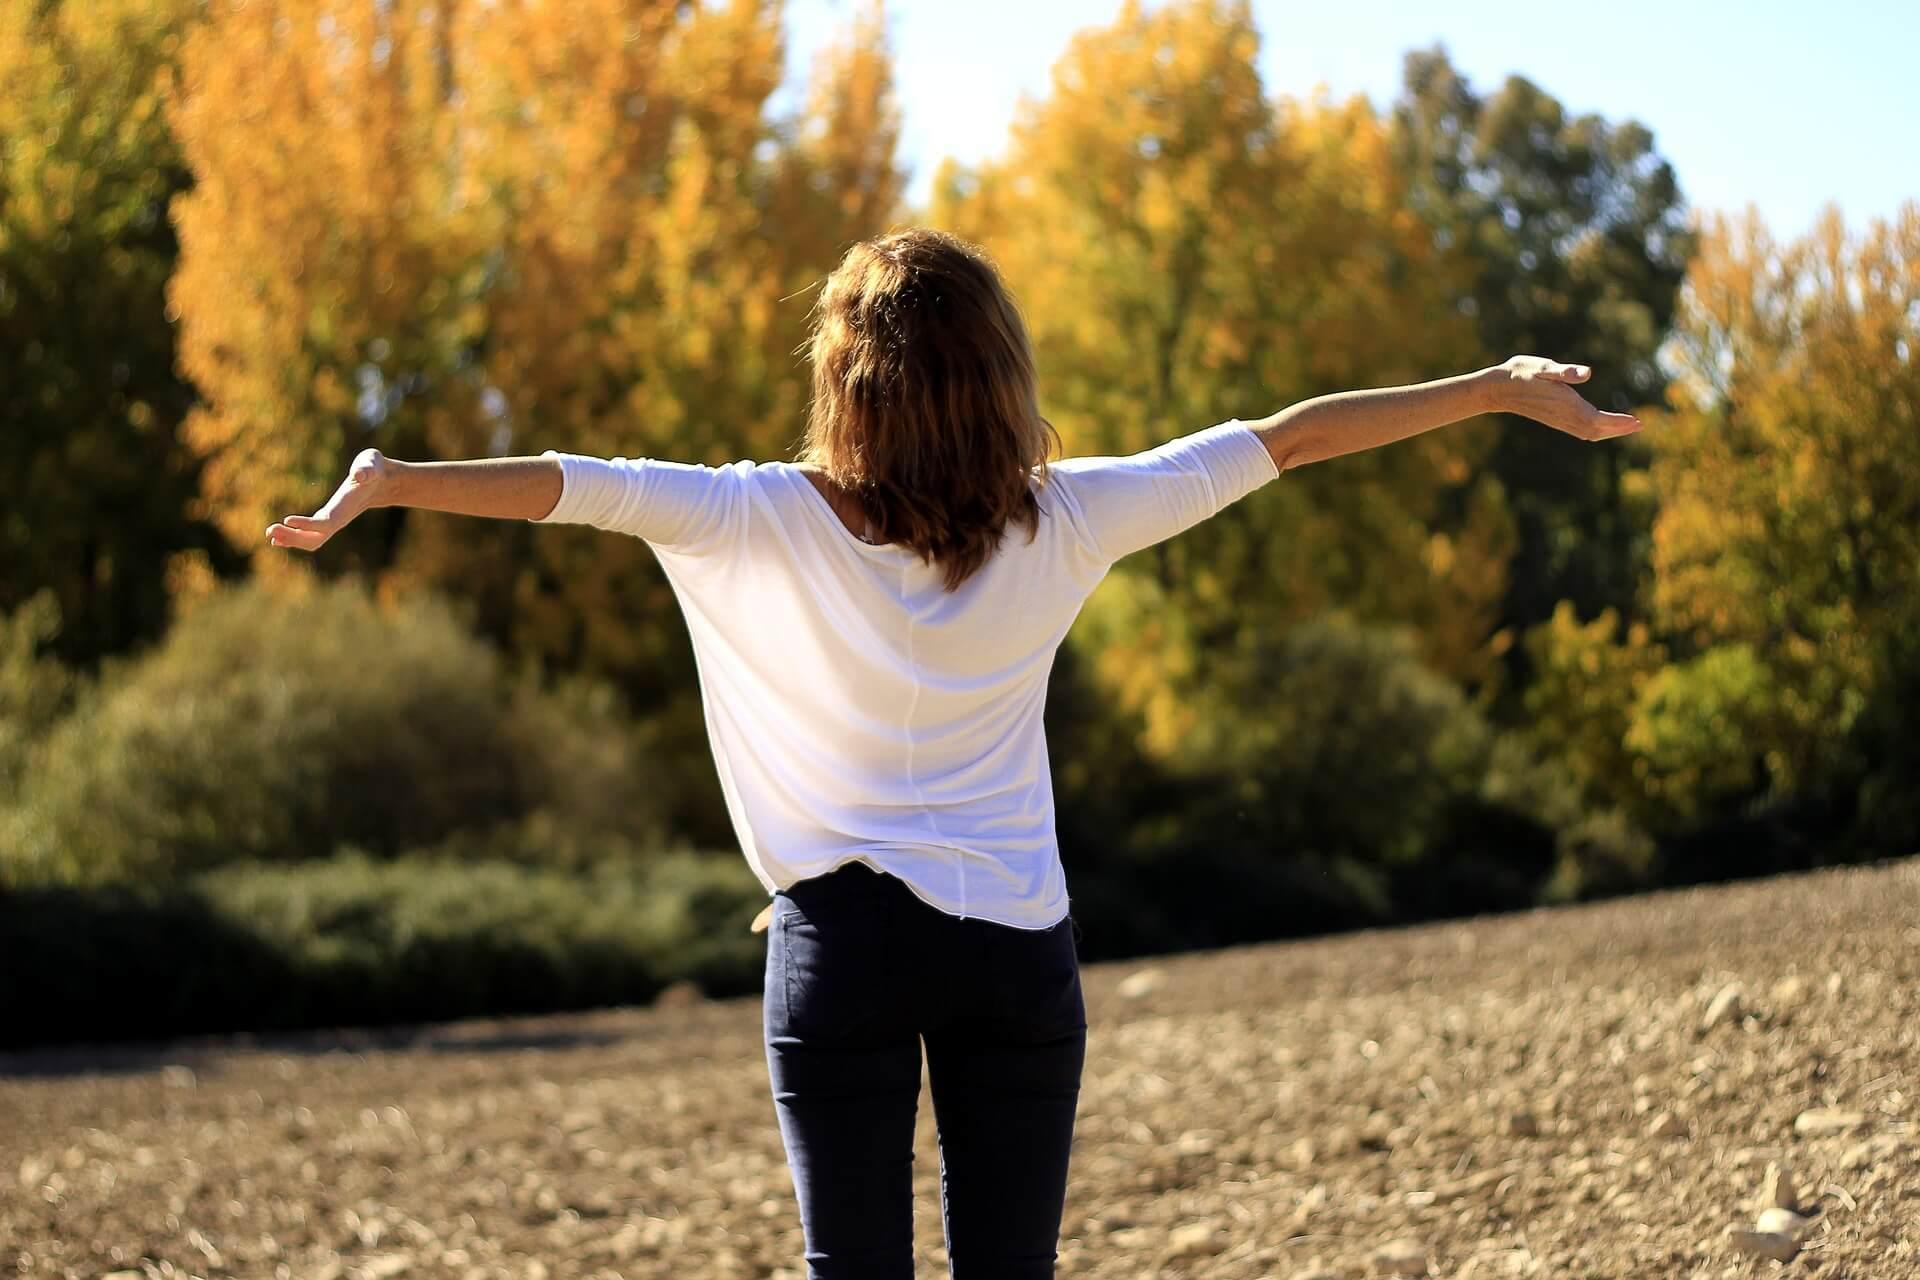 oddychanie, oddech, zdrowy styl życia, joga, sport, ruch, zdrowie, wdech, wydech, jak prawidłowo oddychać, organizm, zdrowe ciało